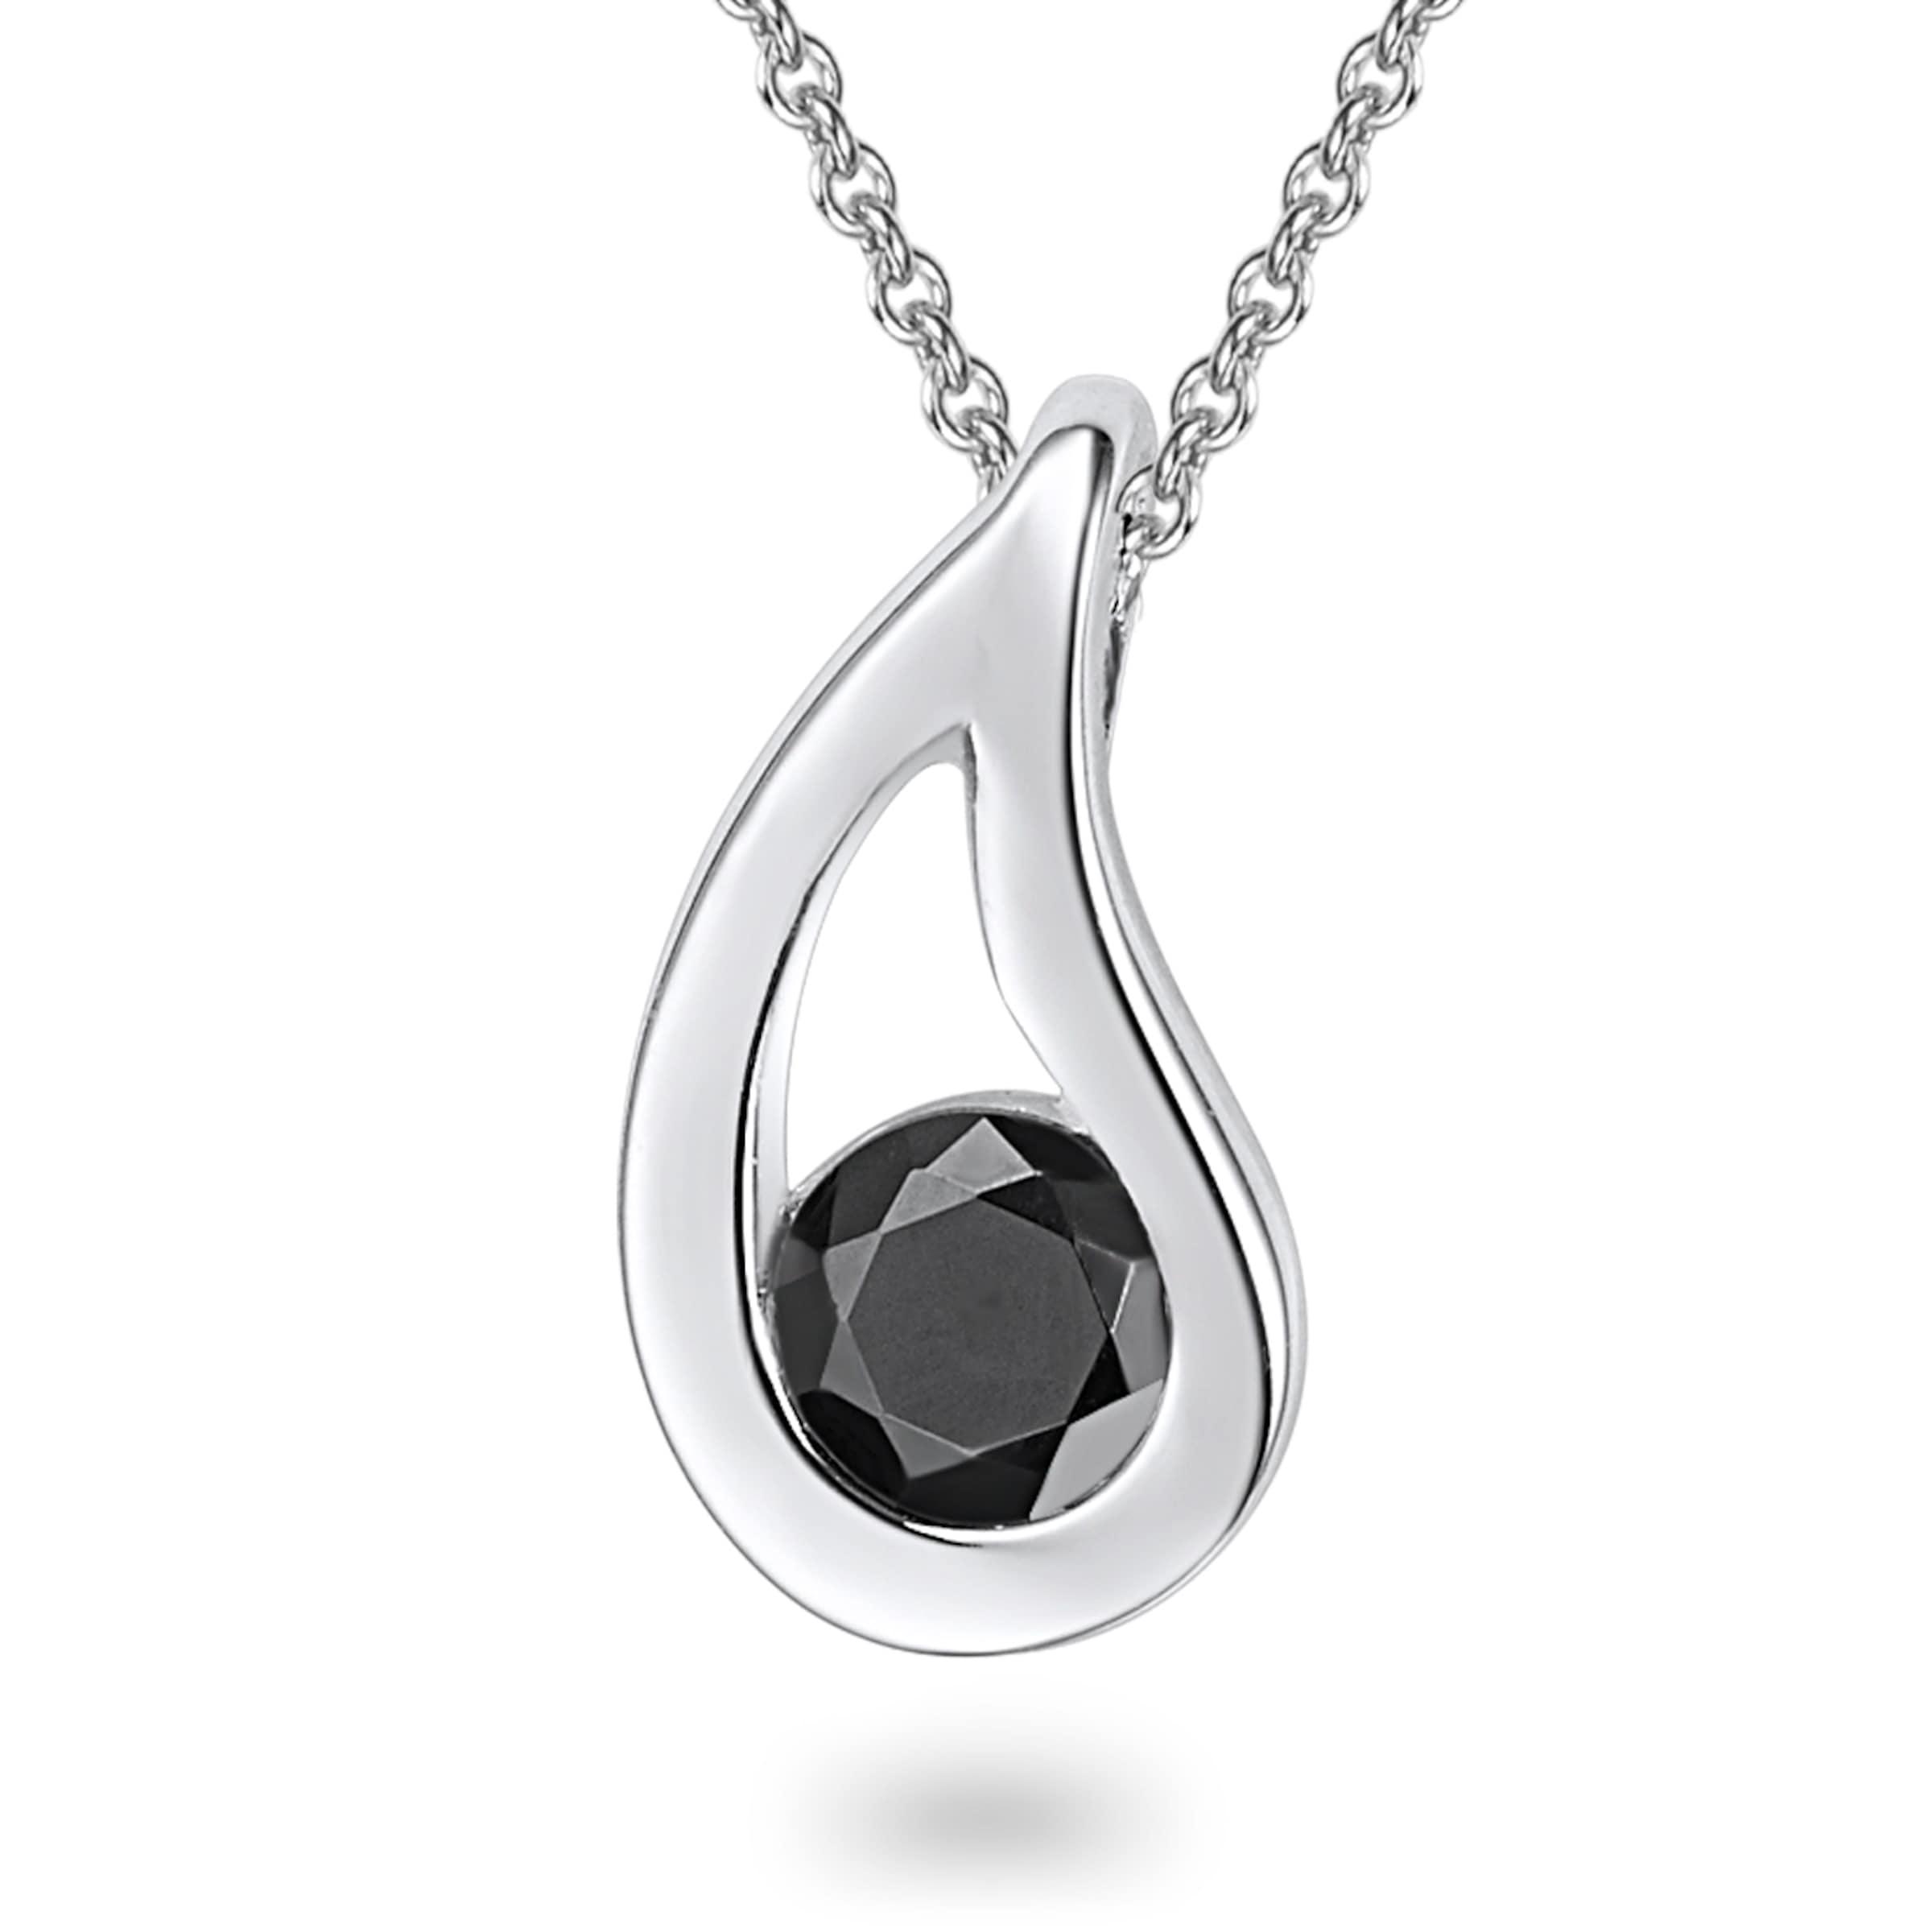 Auslass Beste Ort Spielraum Neuesten Kollektionen Rafaela Donata Silberkette mit Tropfen-Anhänger  Auslass Heißen Verkauf IMixcm3